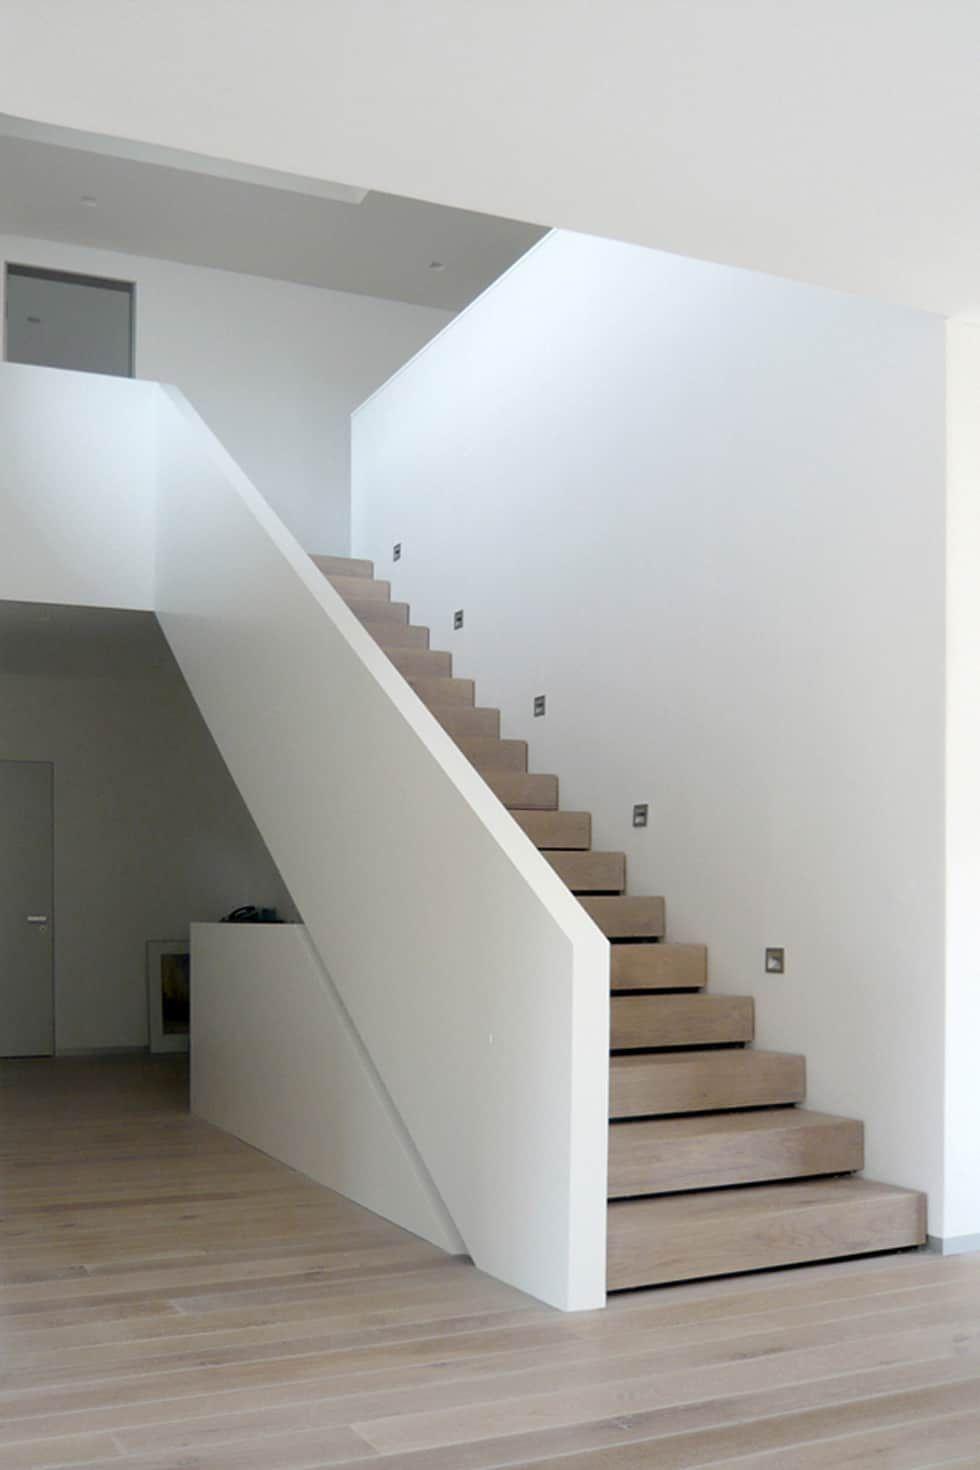 Haus m moderner flur, diele & treppenhaus von sieckmann walther architekten modern | homify